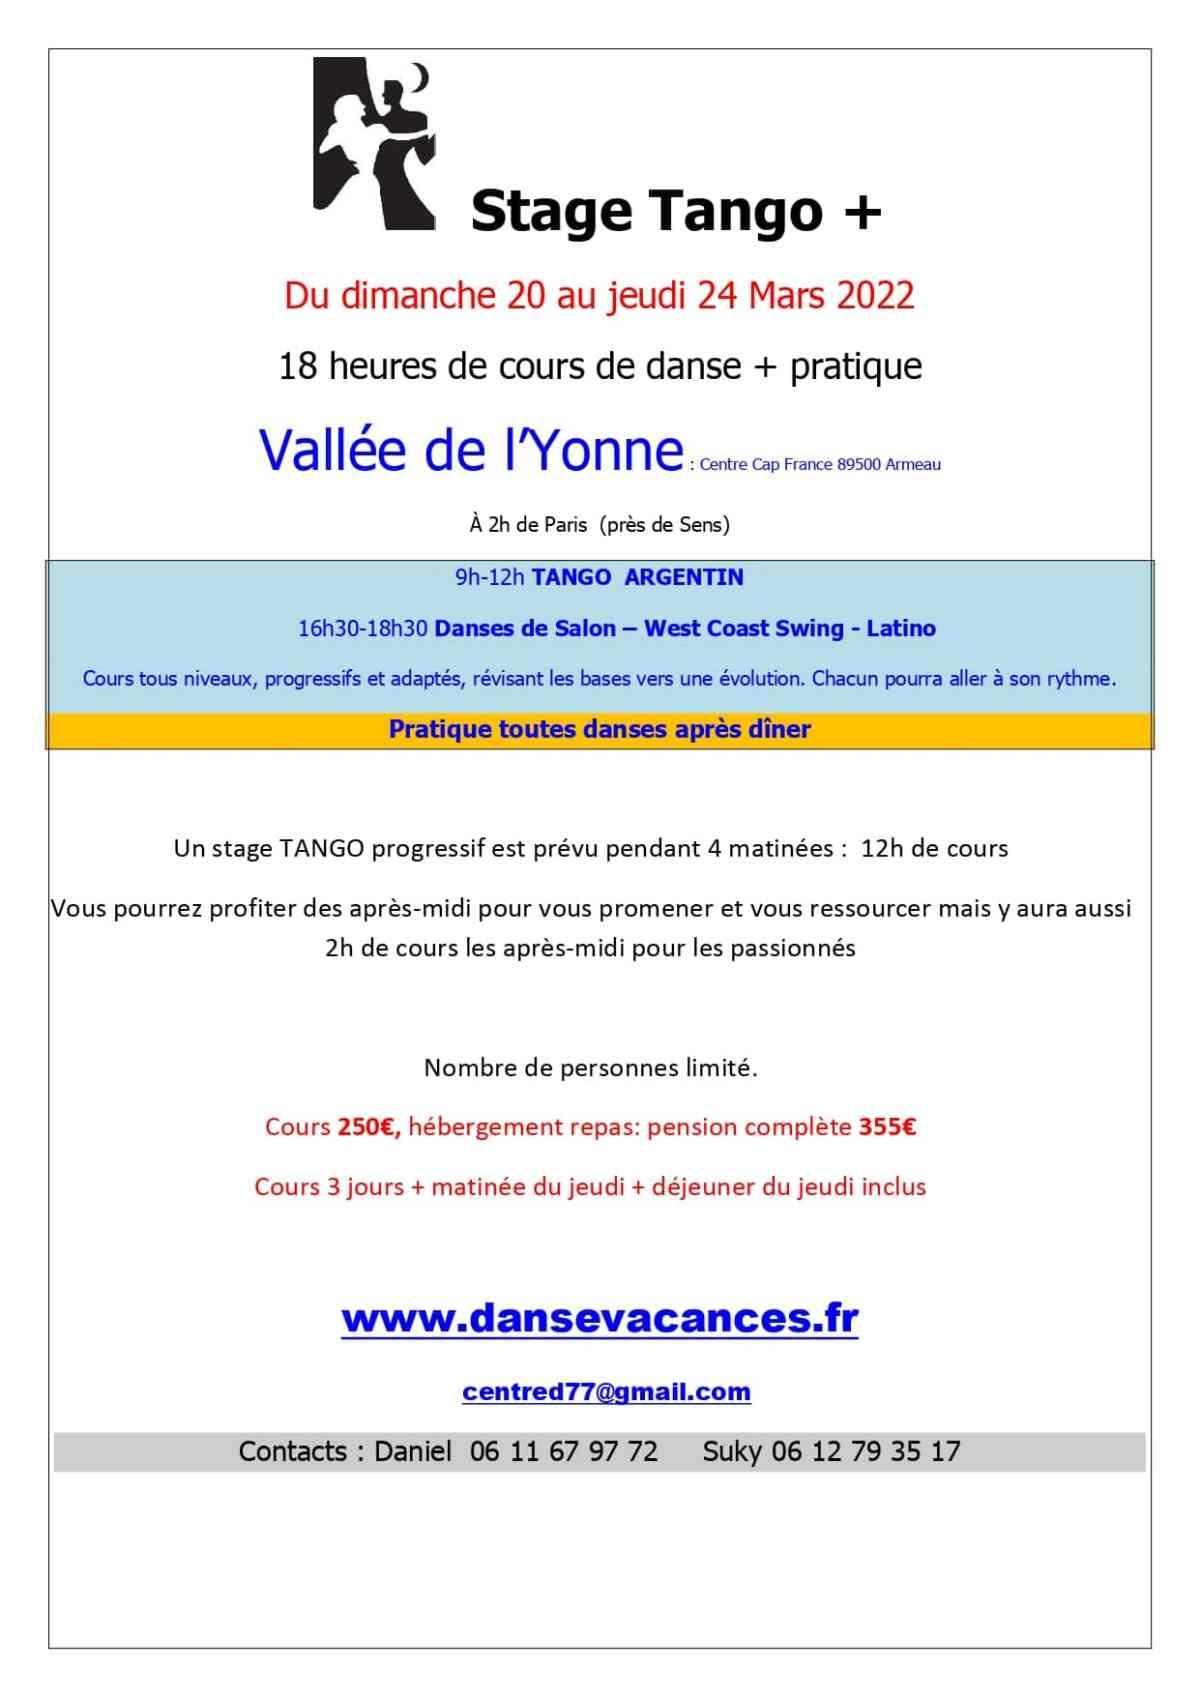 Stage de danse du 20 a 24 Mars 2022 à la Vallée de l'Yonne